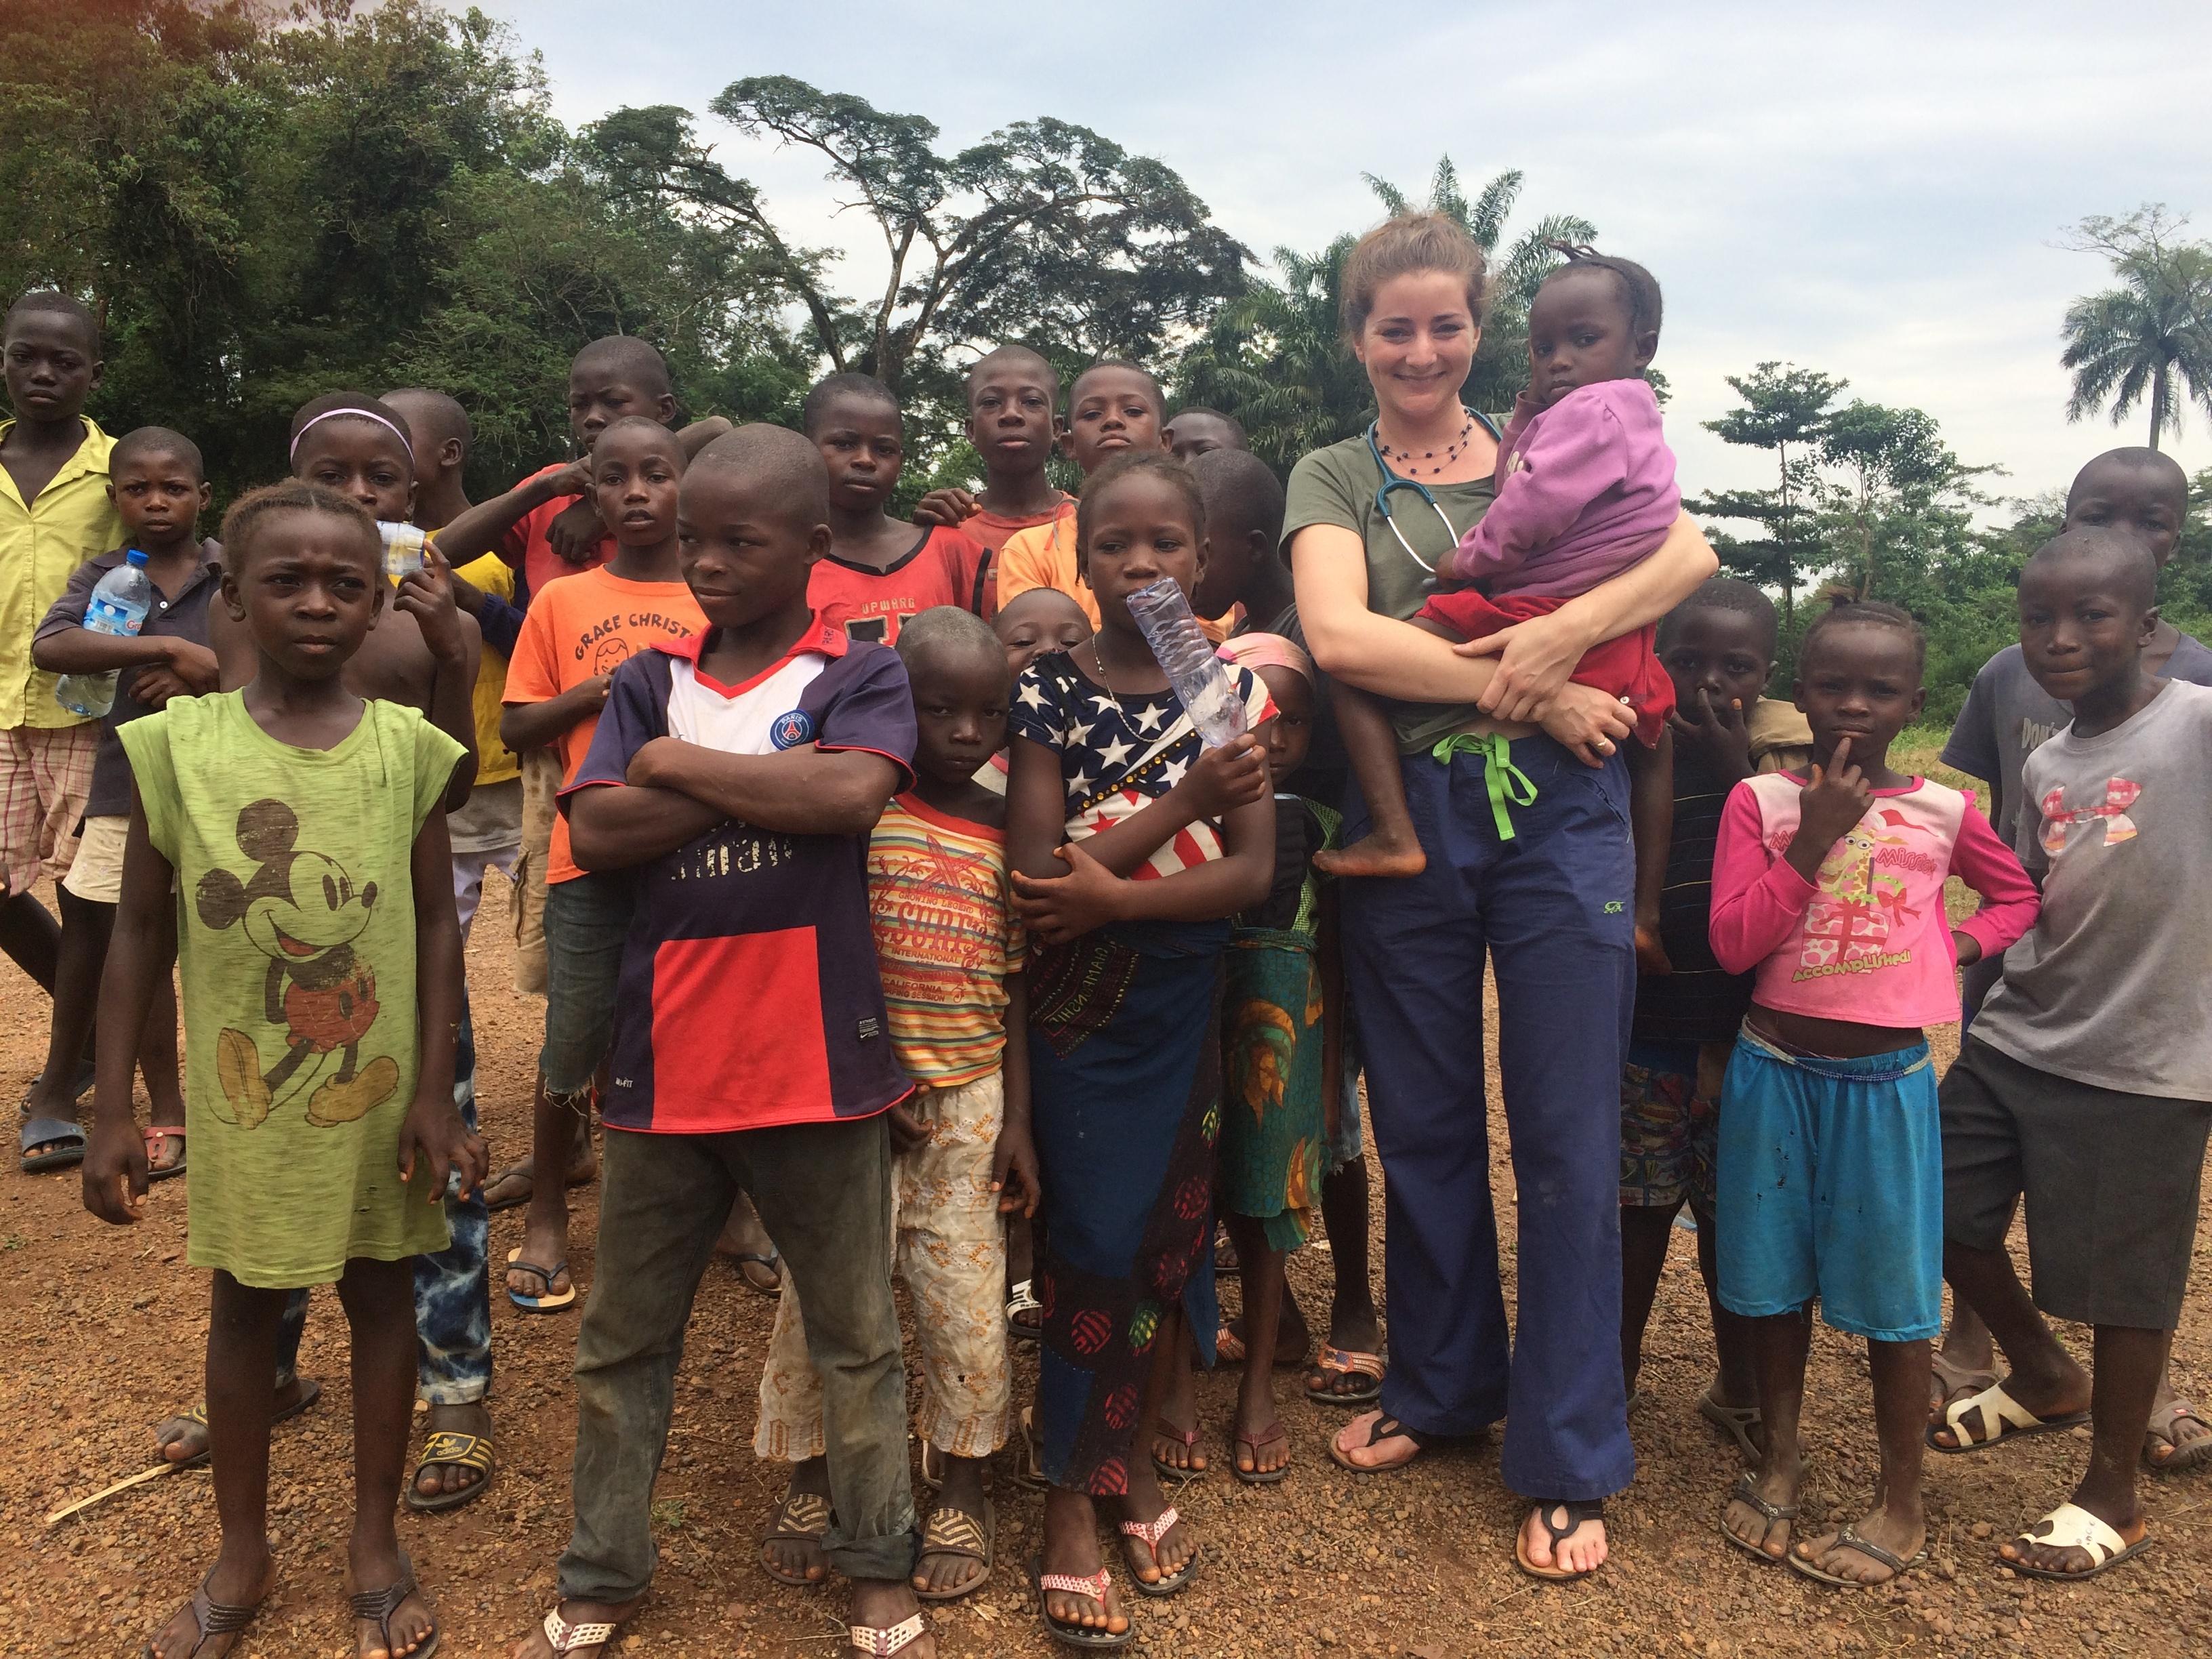 Trinity grad Dr. Waterman in Sierra Leone